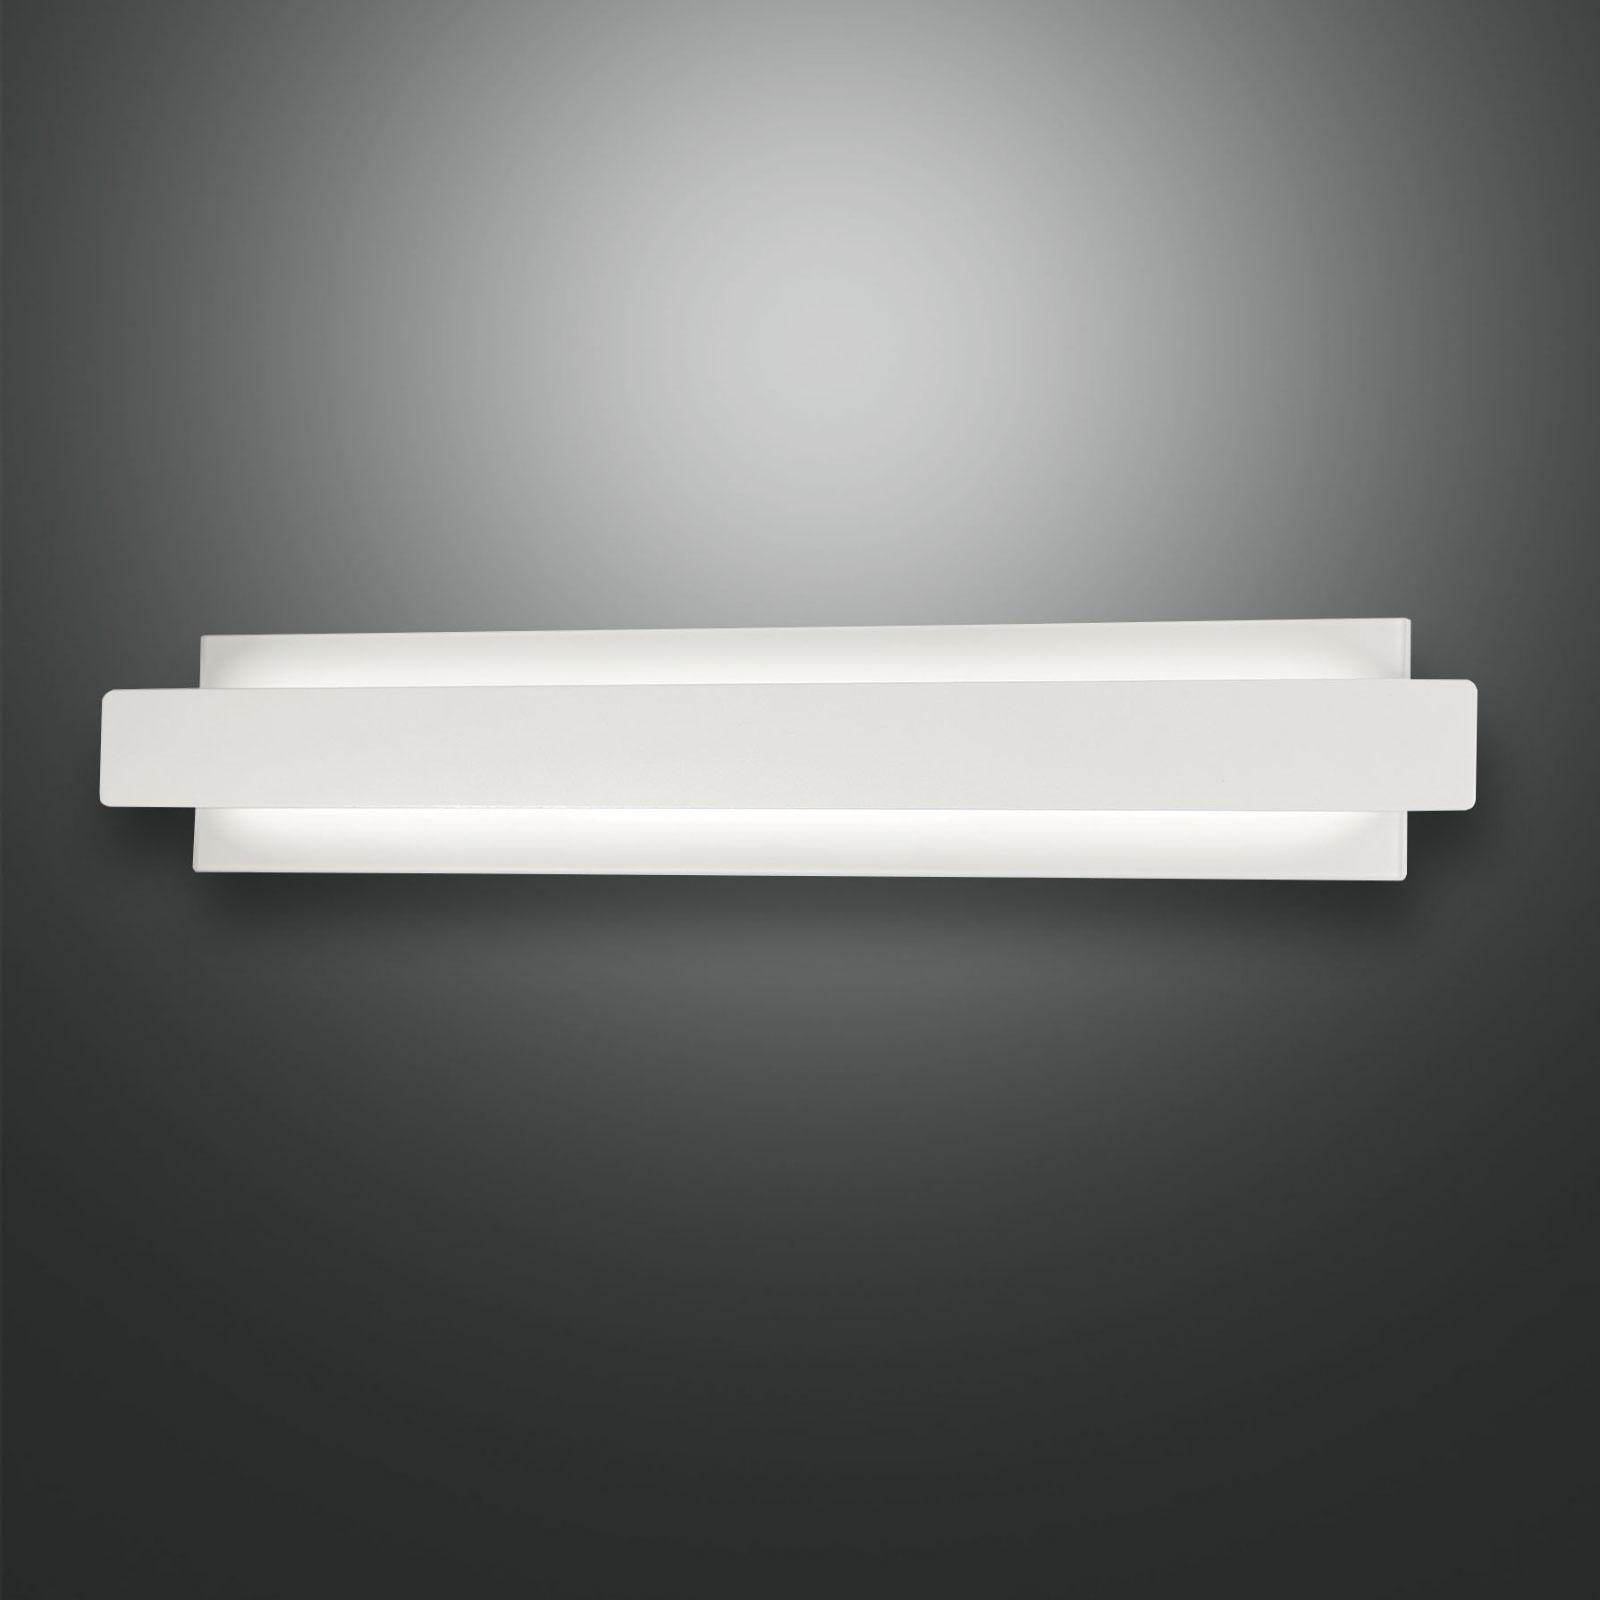 LED wandlamp Regolo met metalen front wit